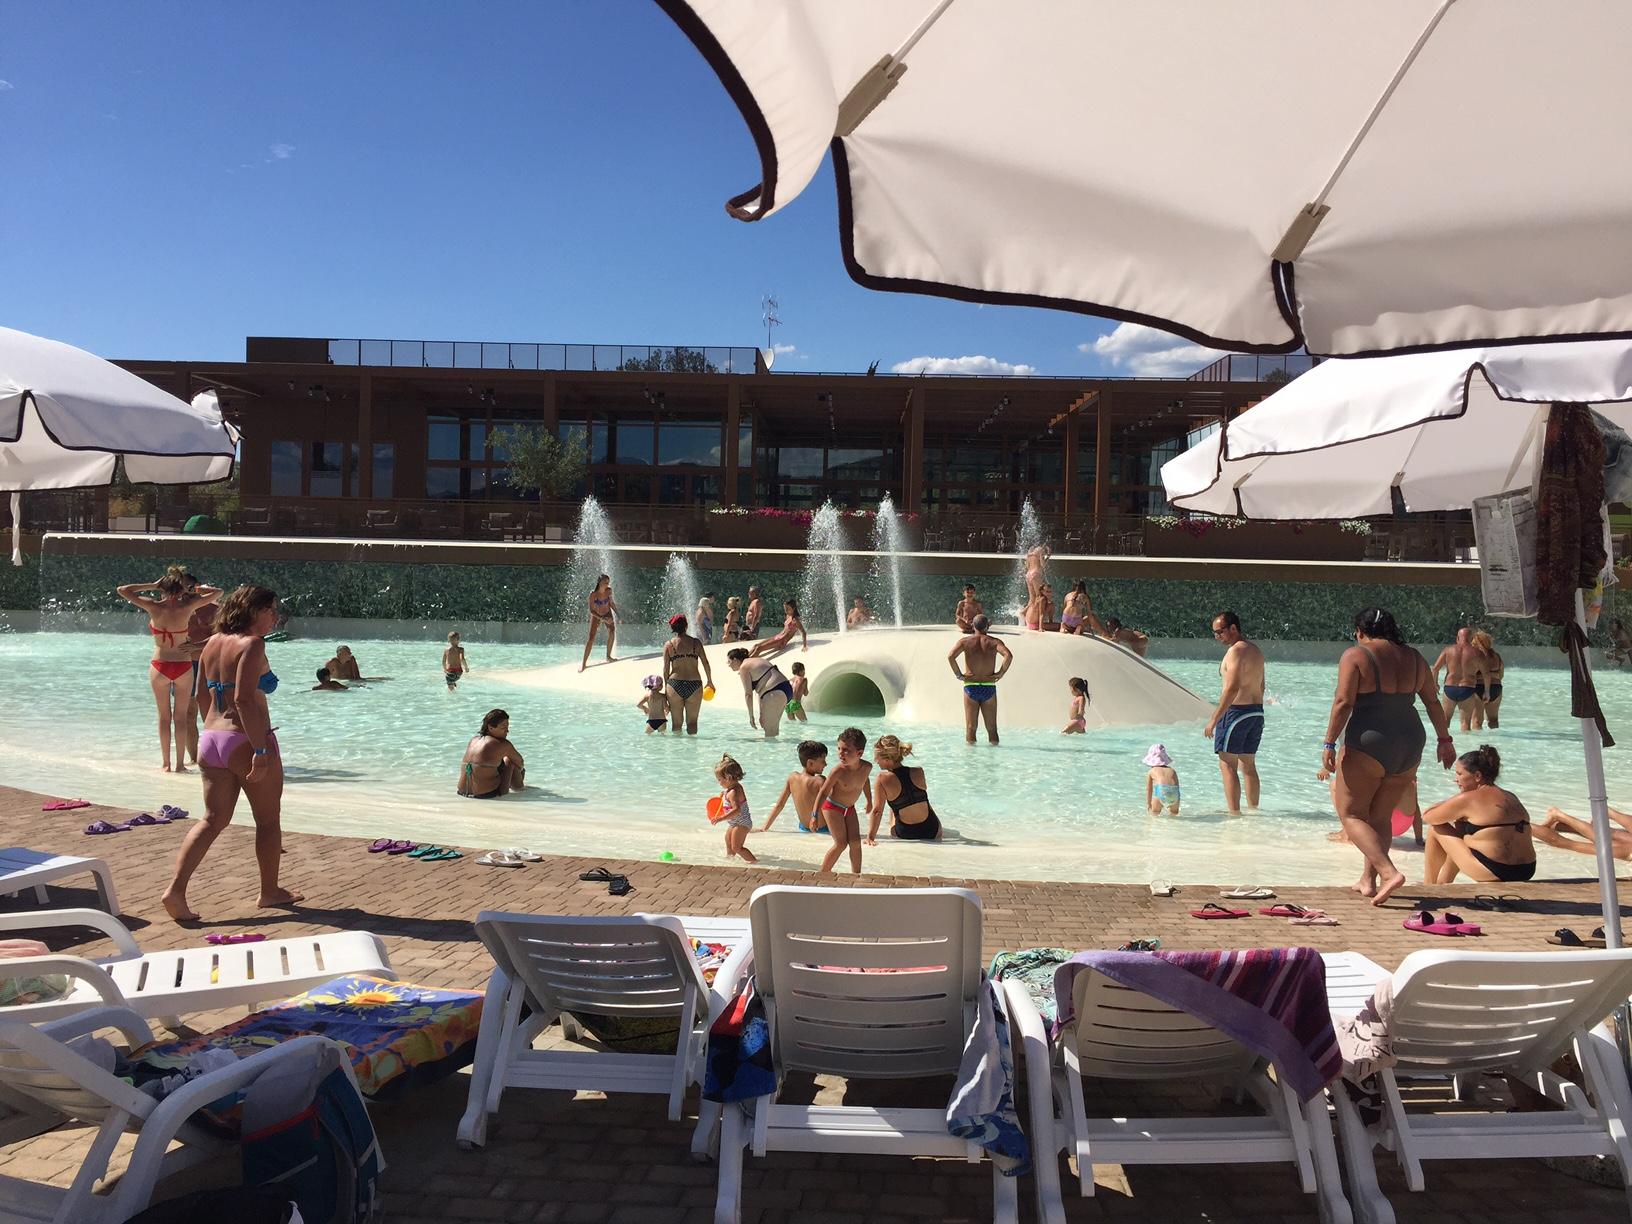 Ecco la piscina per bambini e famiglie a Firenze sud !!